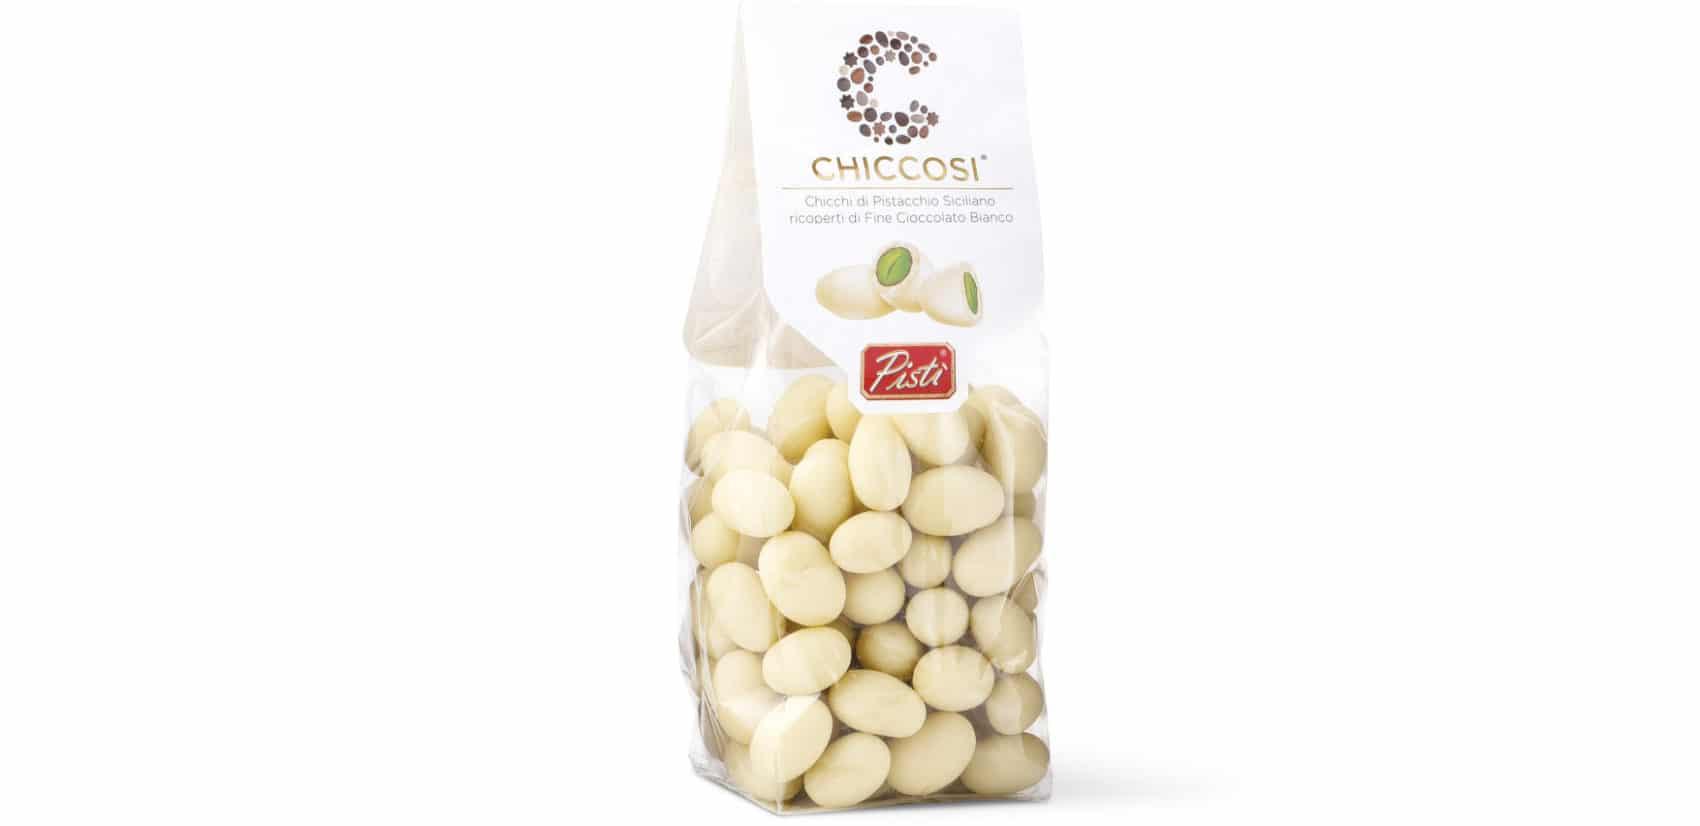 Sicīlijas pistācijas pārklātas ar balto šokolādi